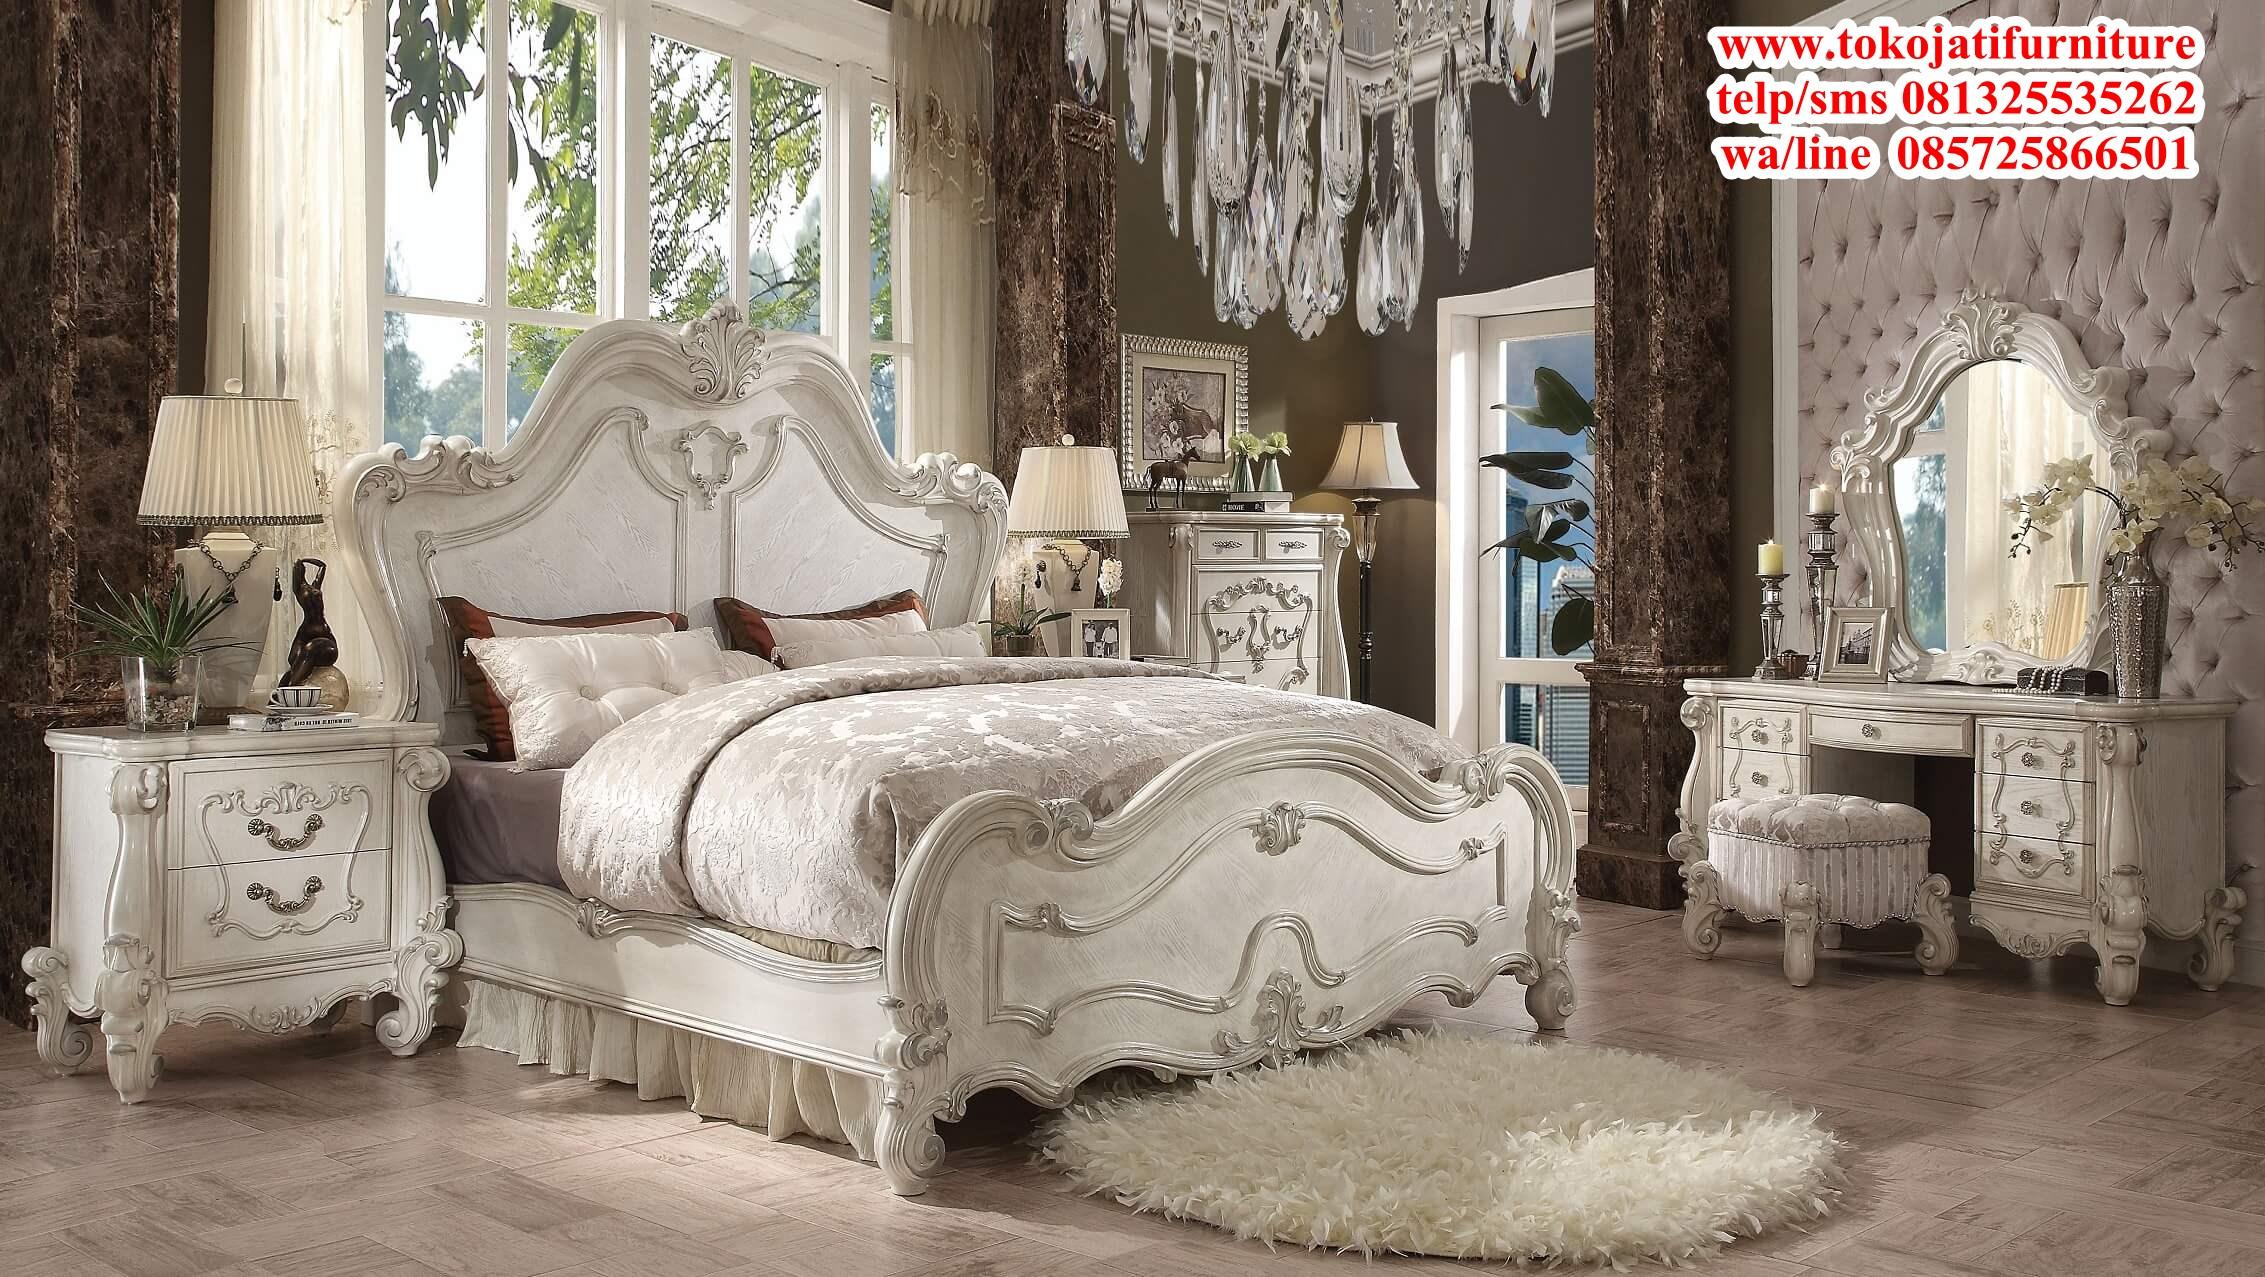 desain-tempat-tidur-ukir-mewah desain tempat tidur ukir mewah